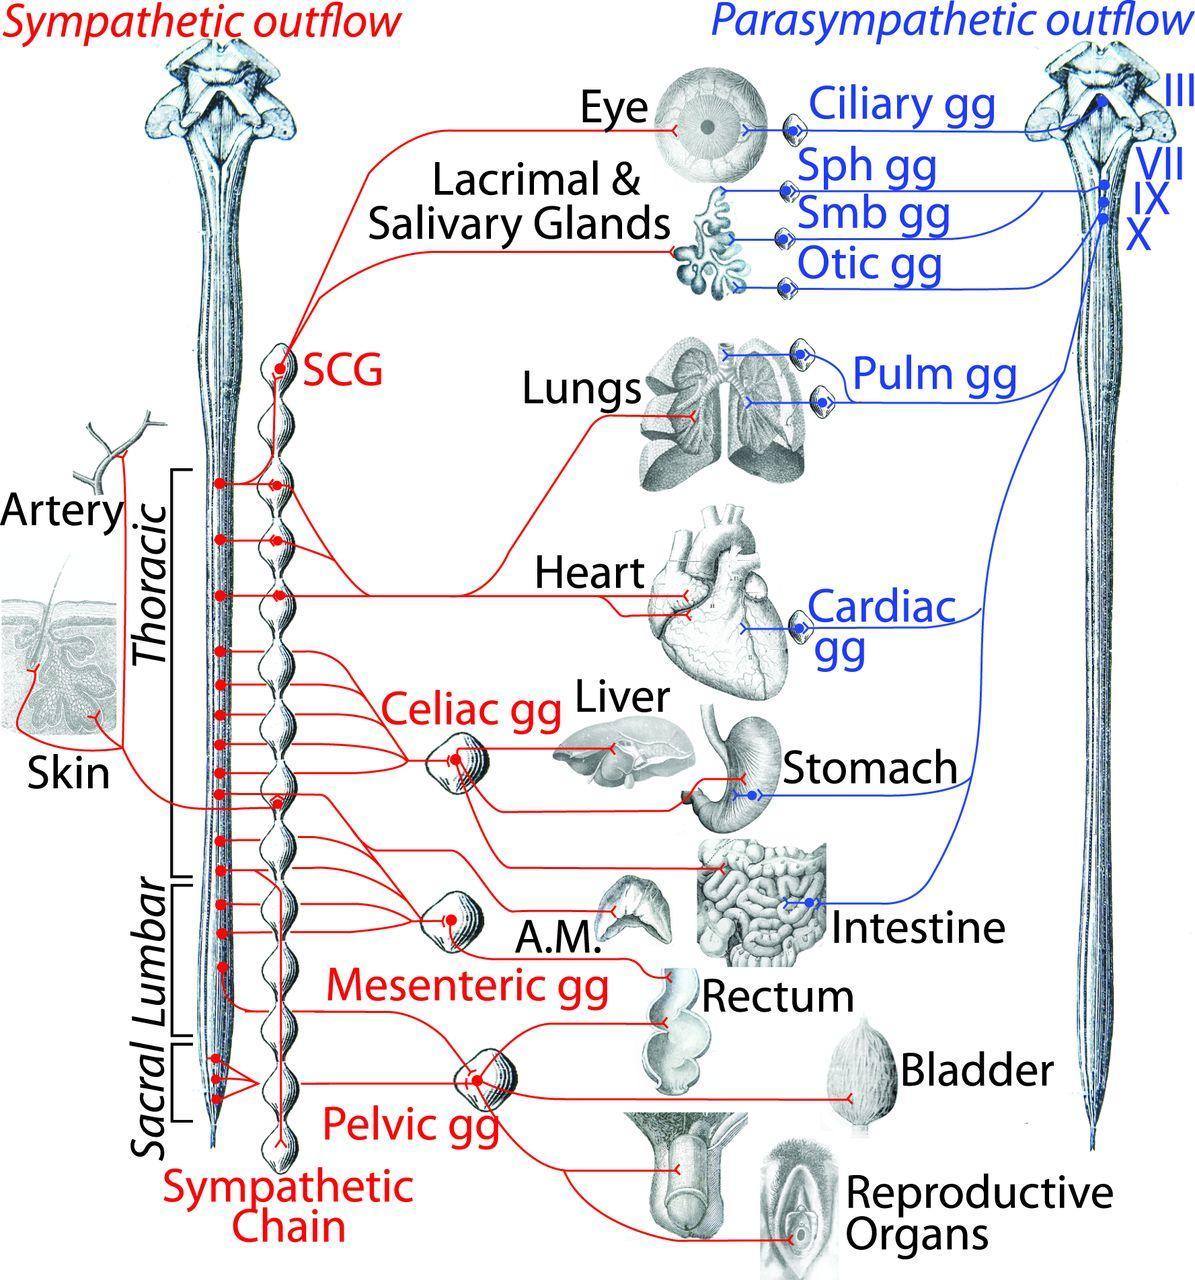 А ты симпатическая. Ученые 130 лет ошибались в строении автономной нервной системы